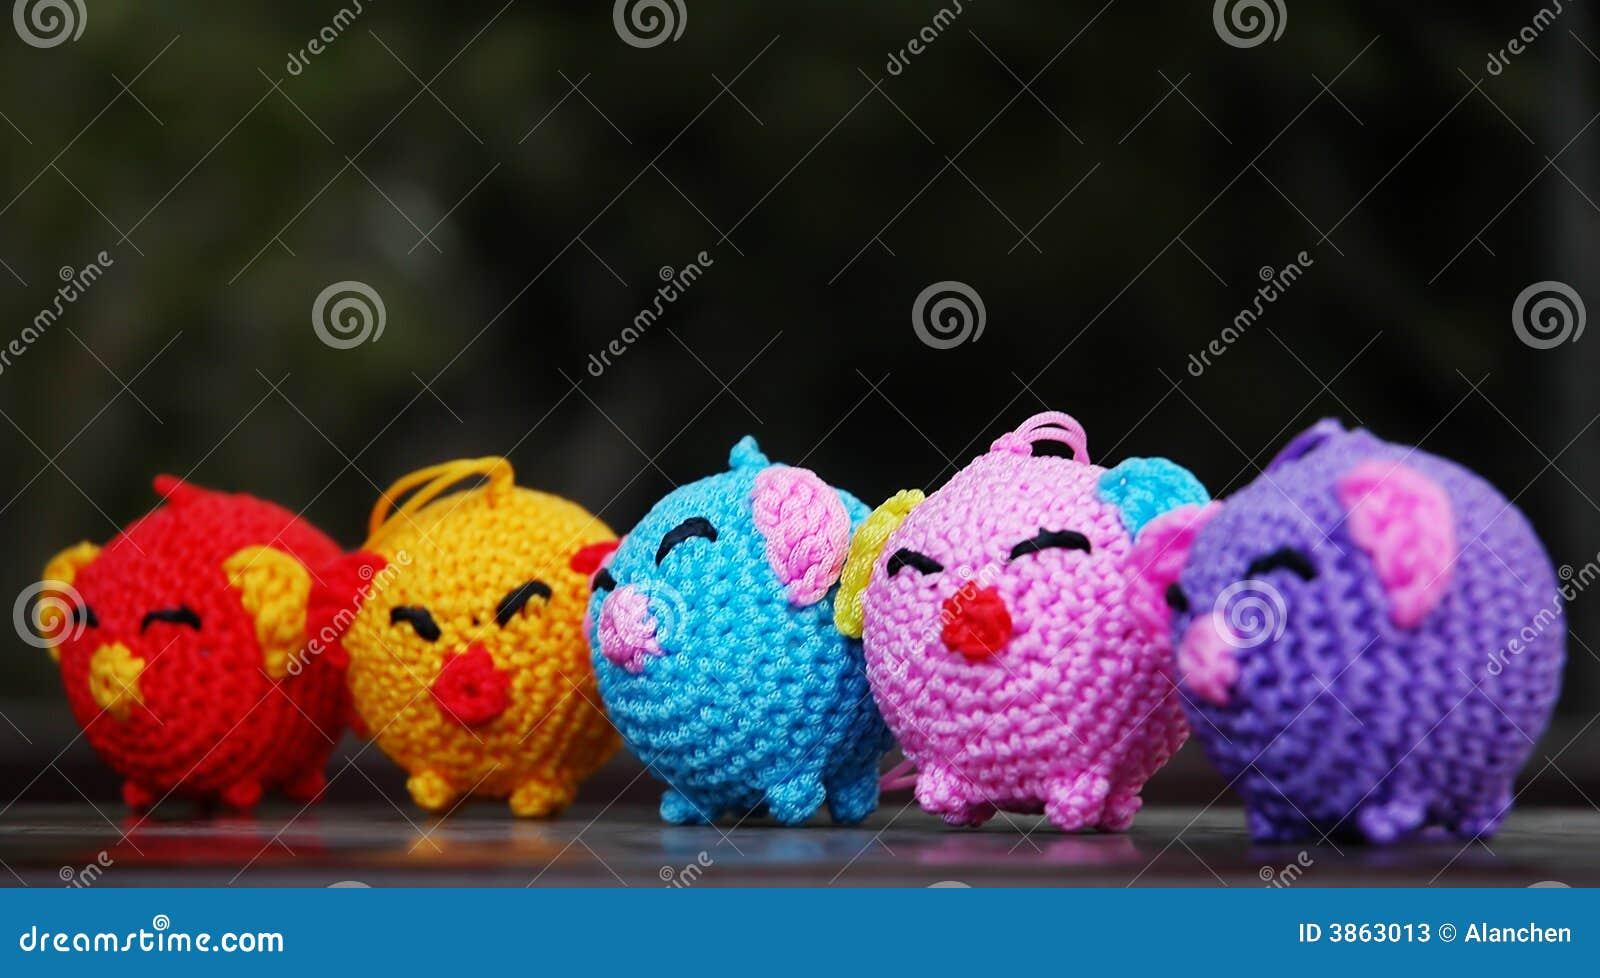 Kleurrijke varkens